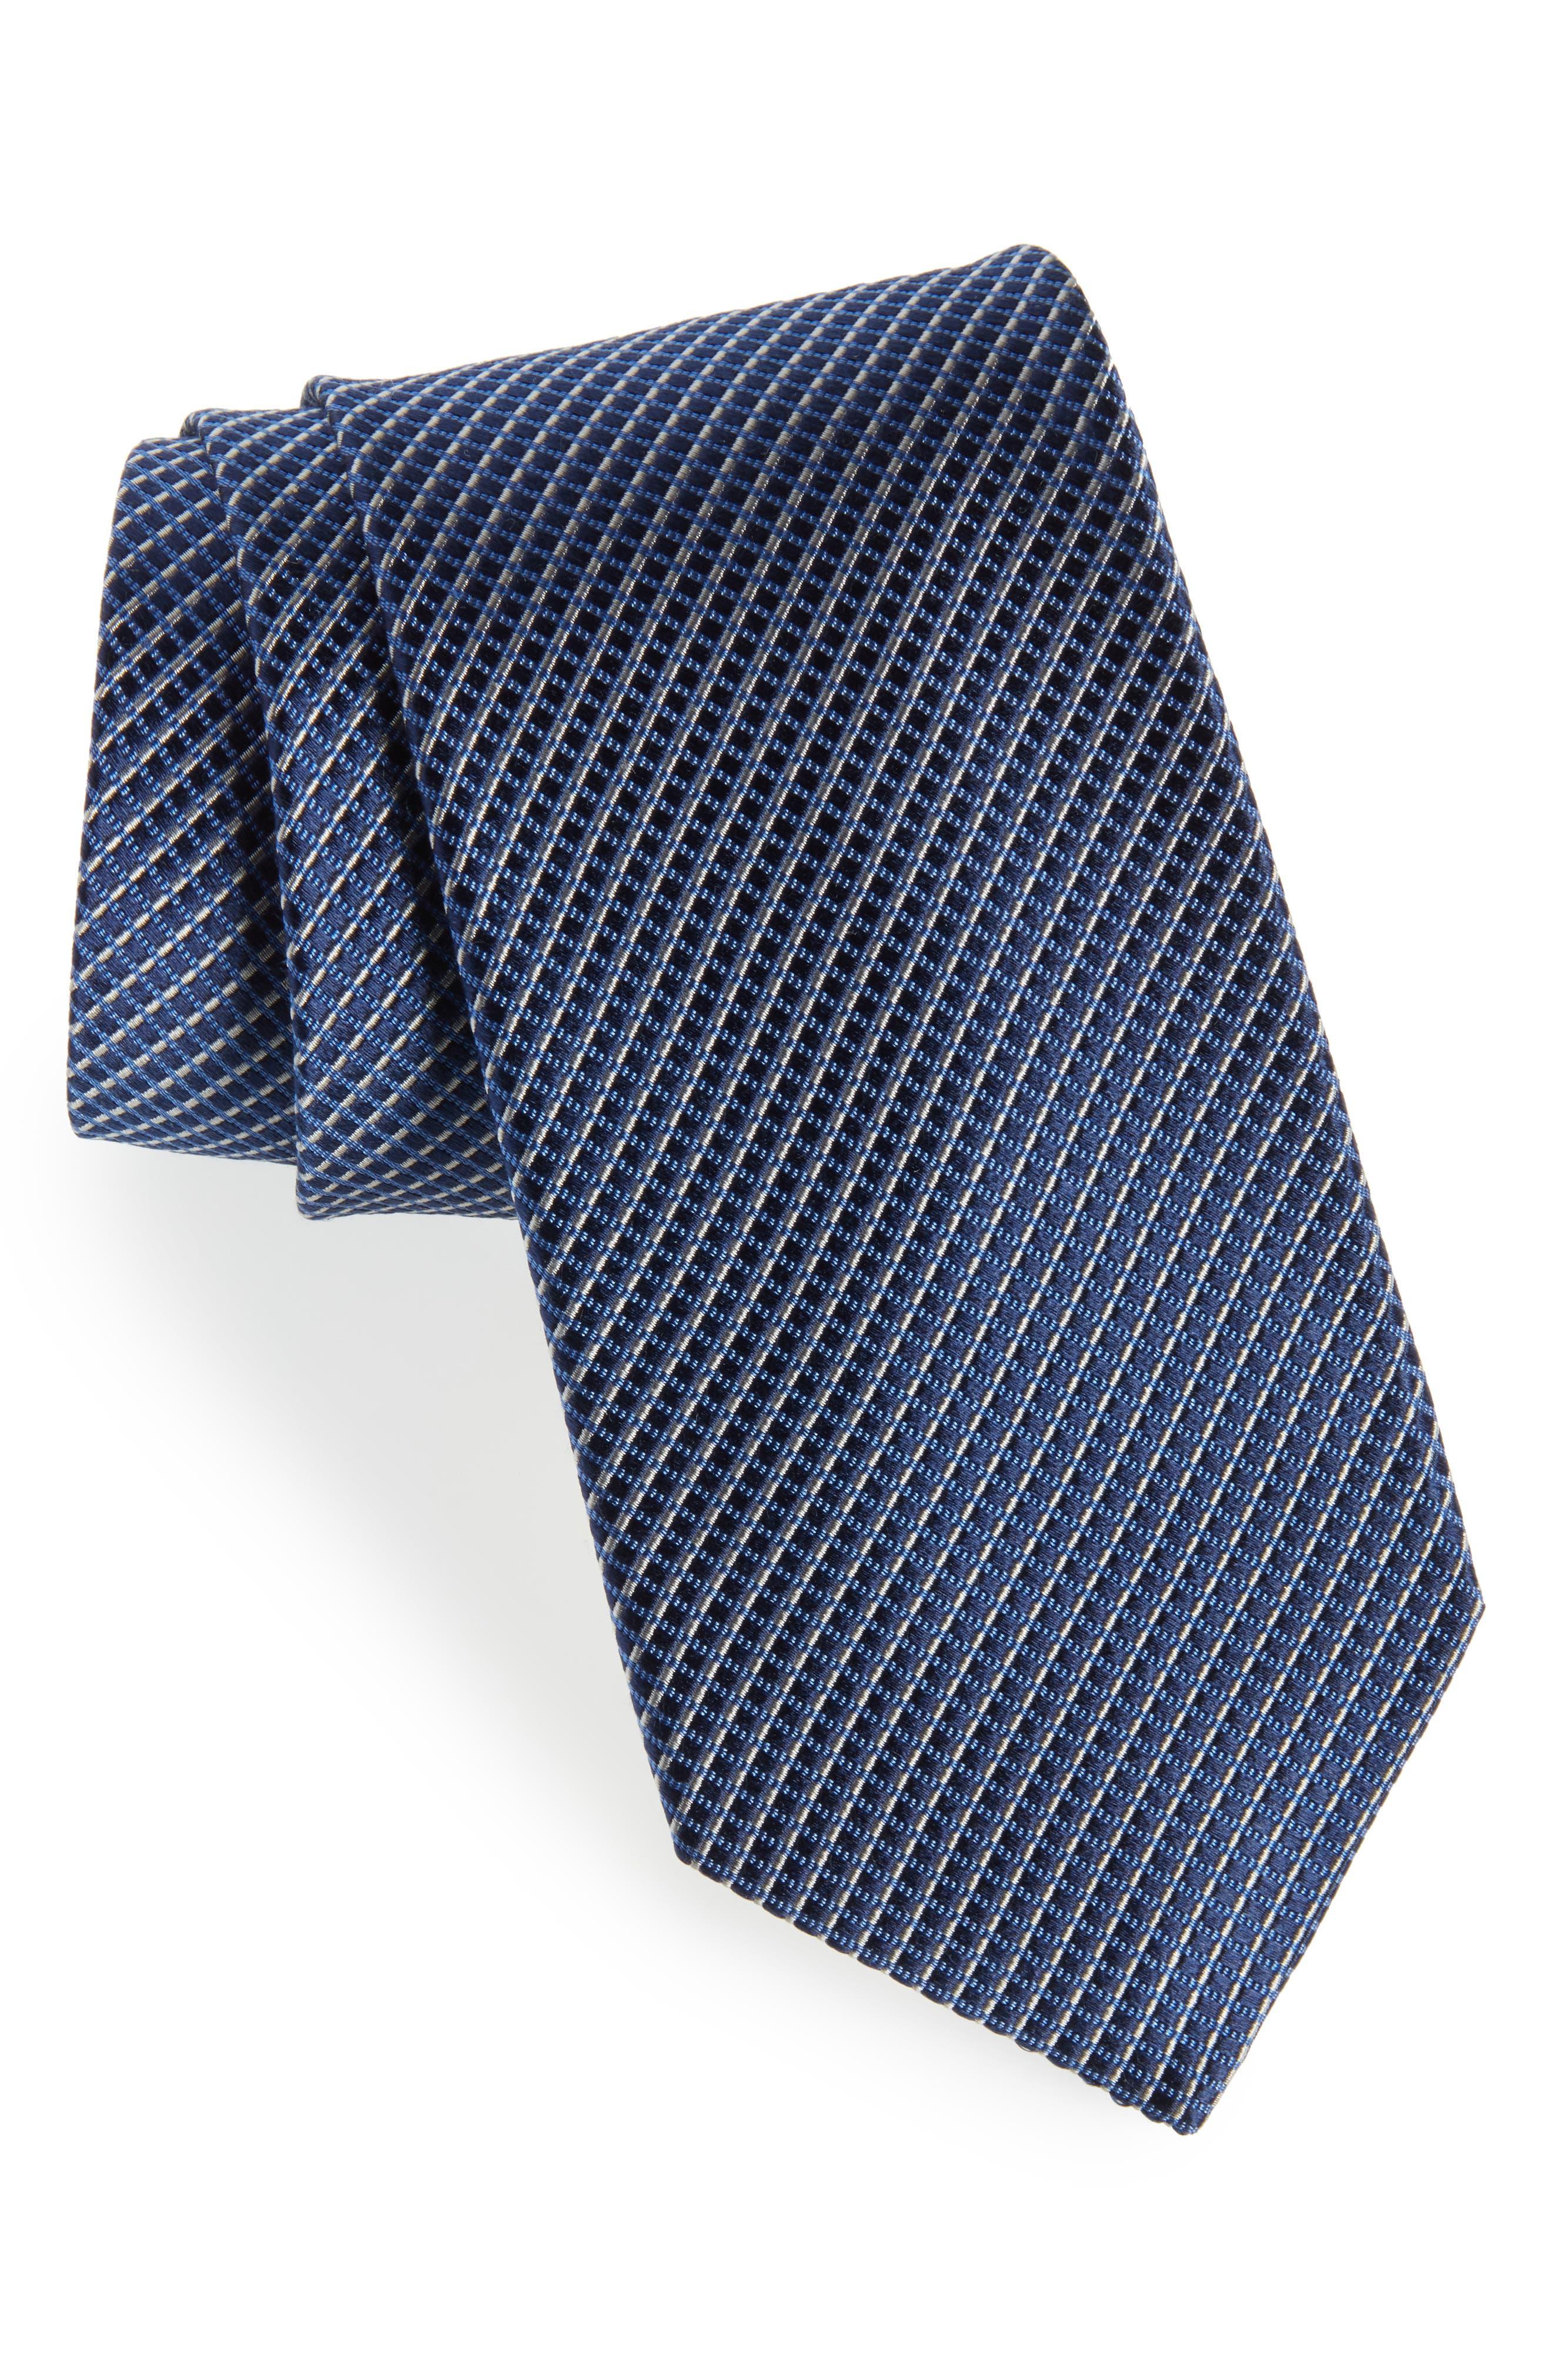 Bucaro Micro Pattern Silk Tie,                         Main,                         color, NAVY